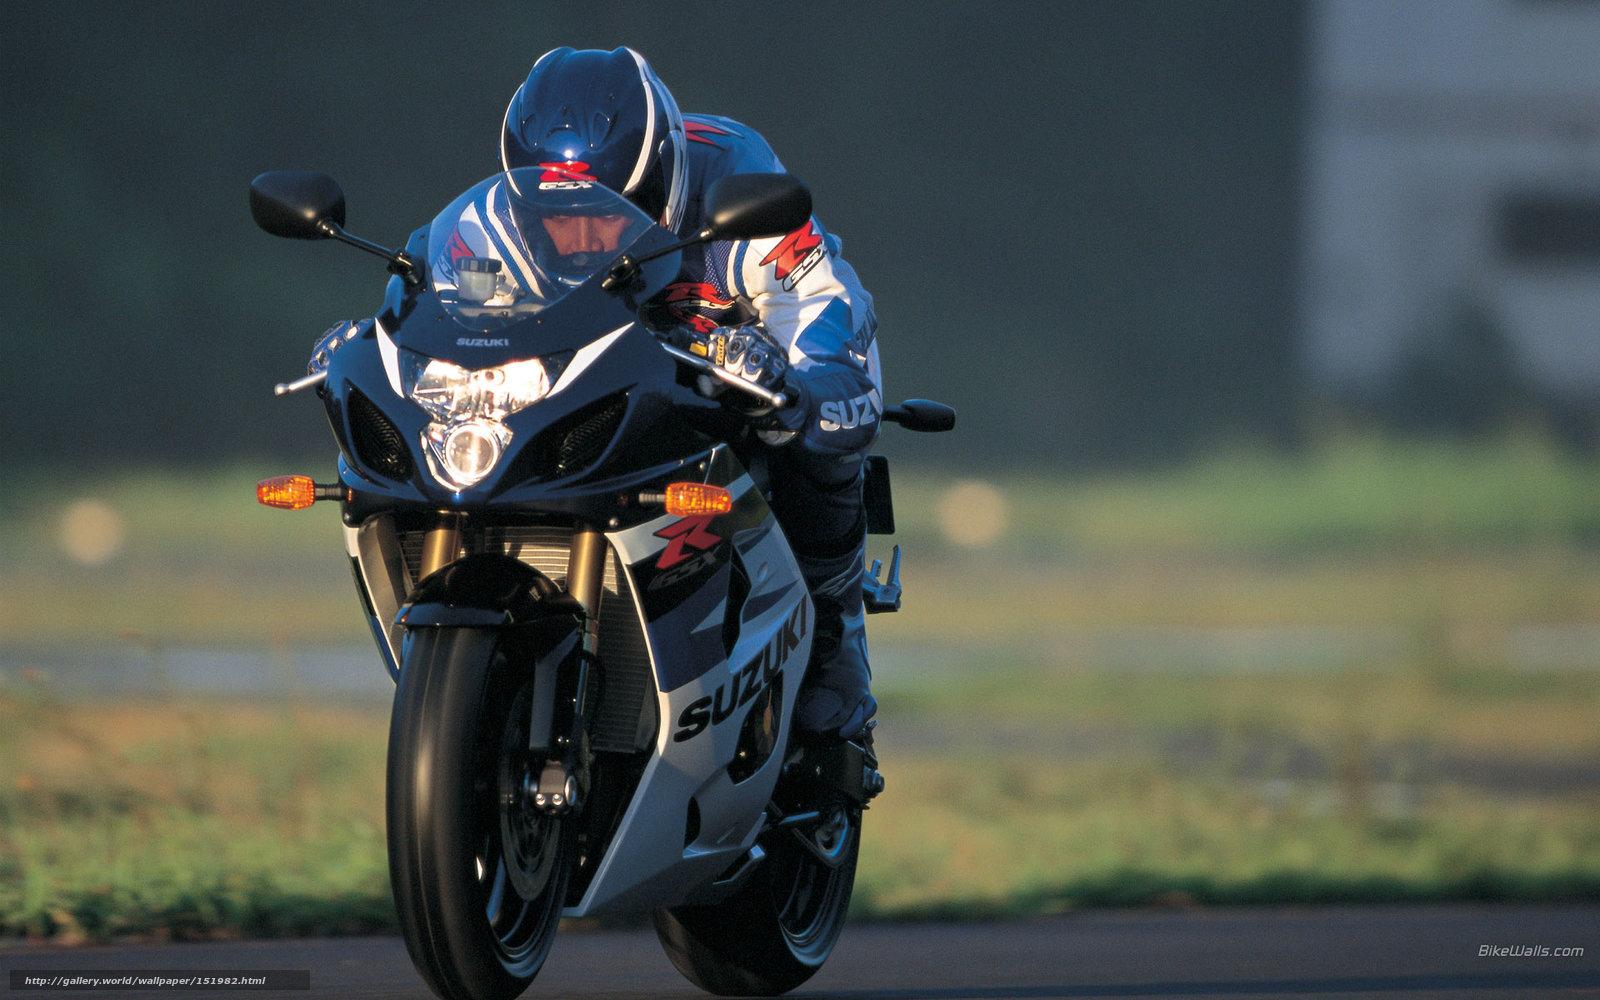 suzuki supersport gsx r750 - photo #41